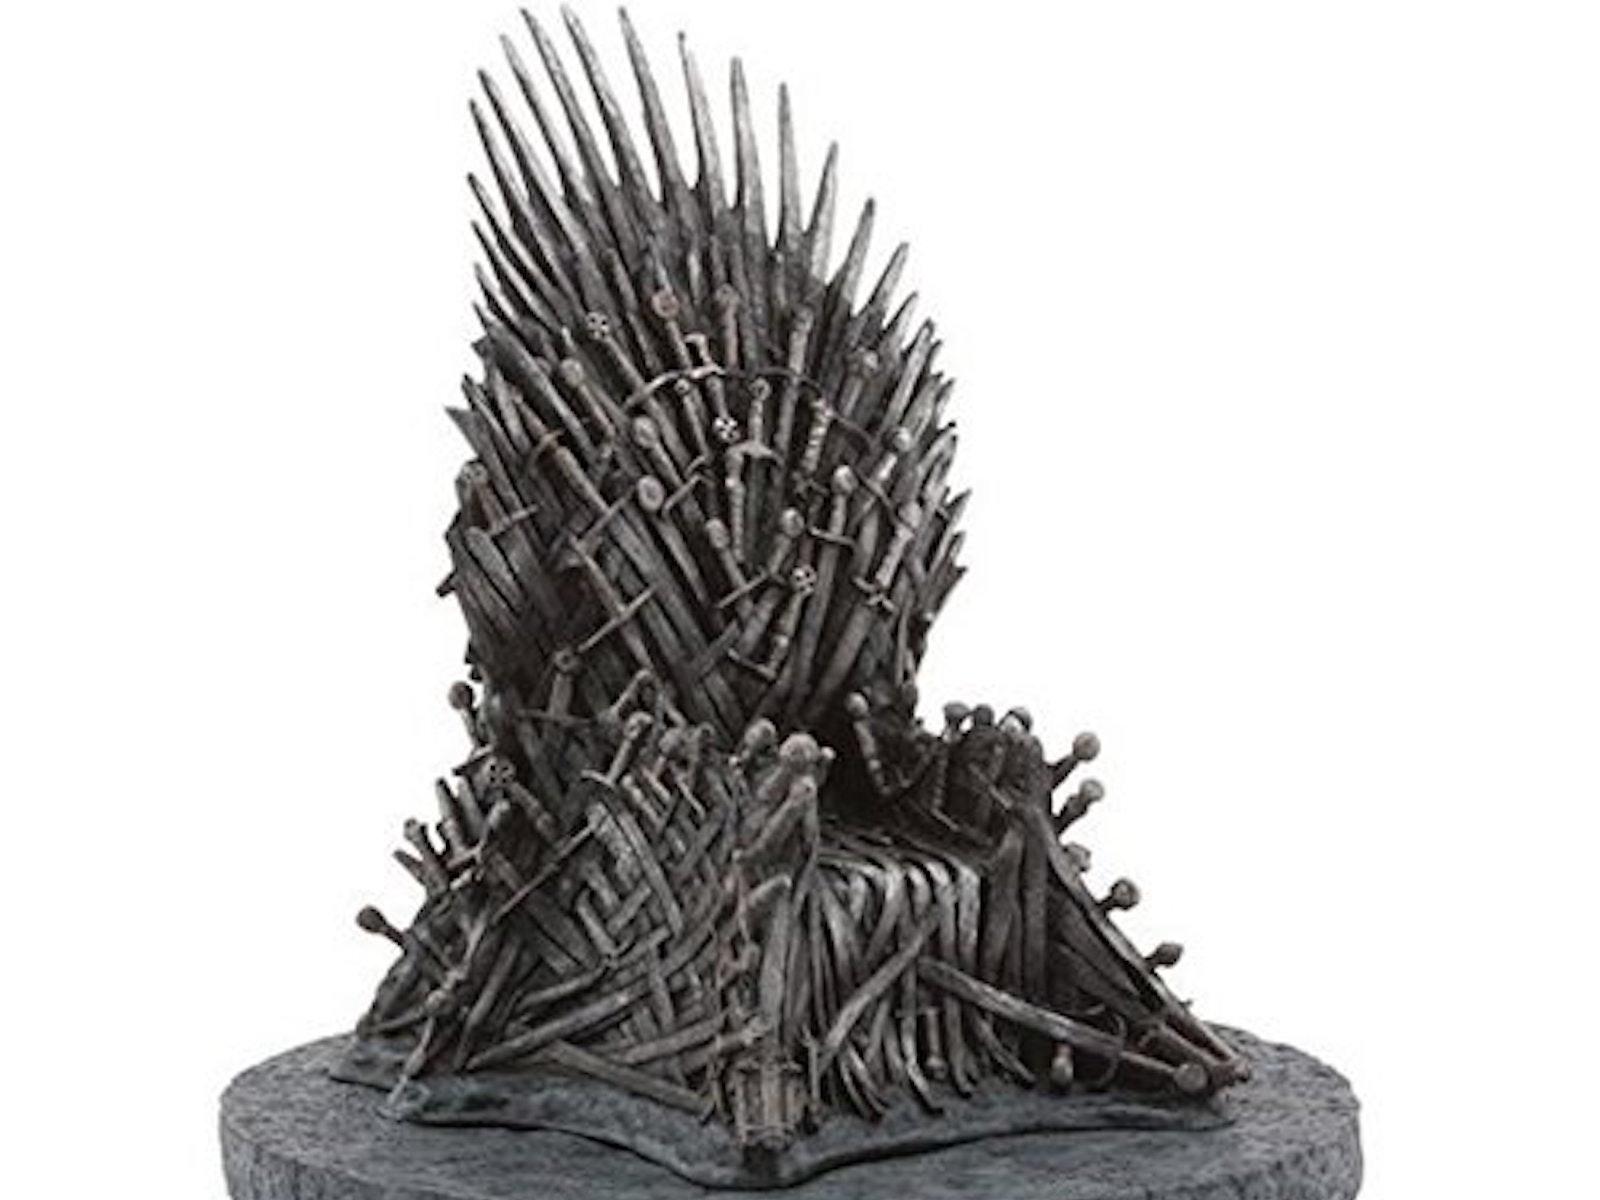 This mini Iron Throne